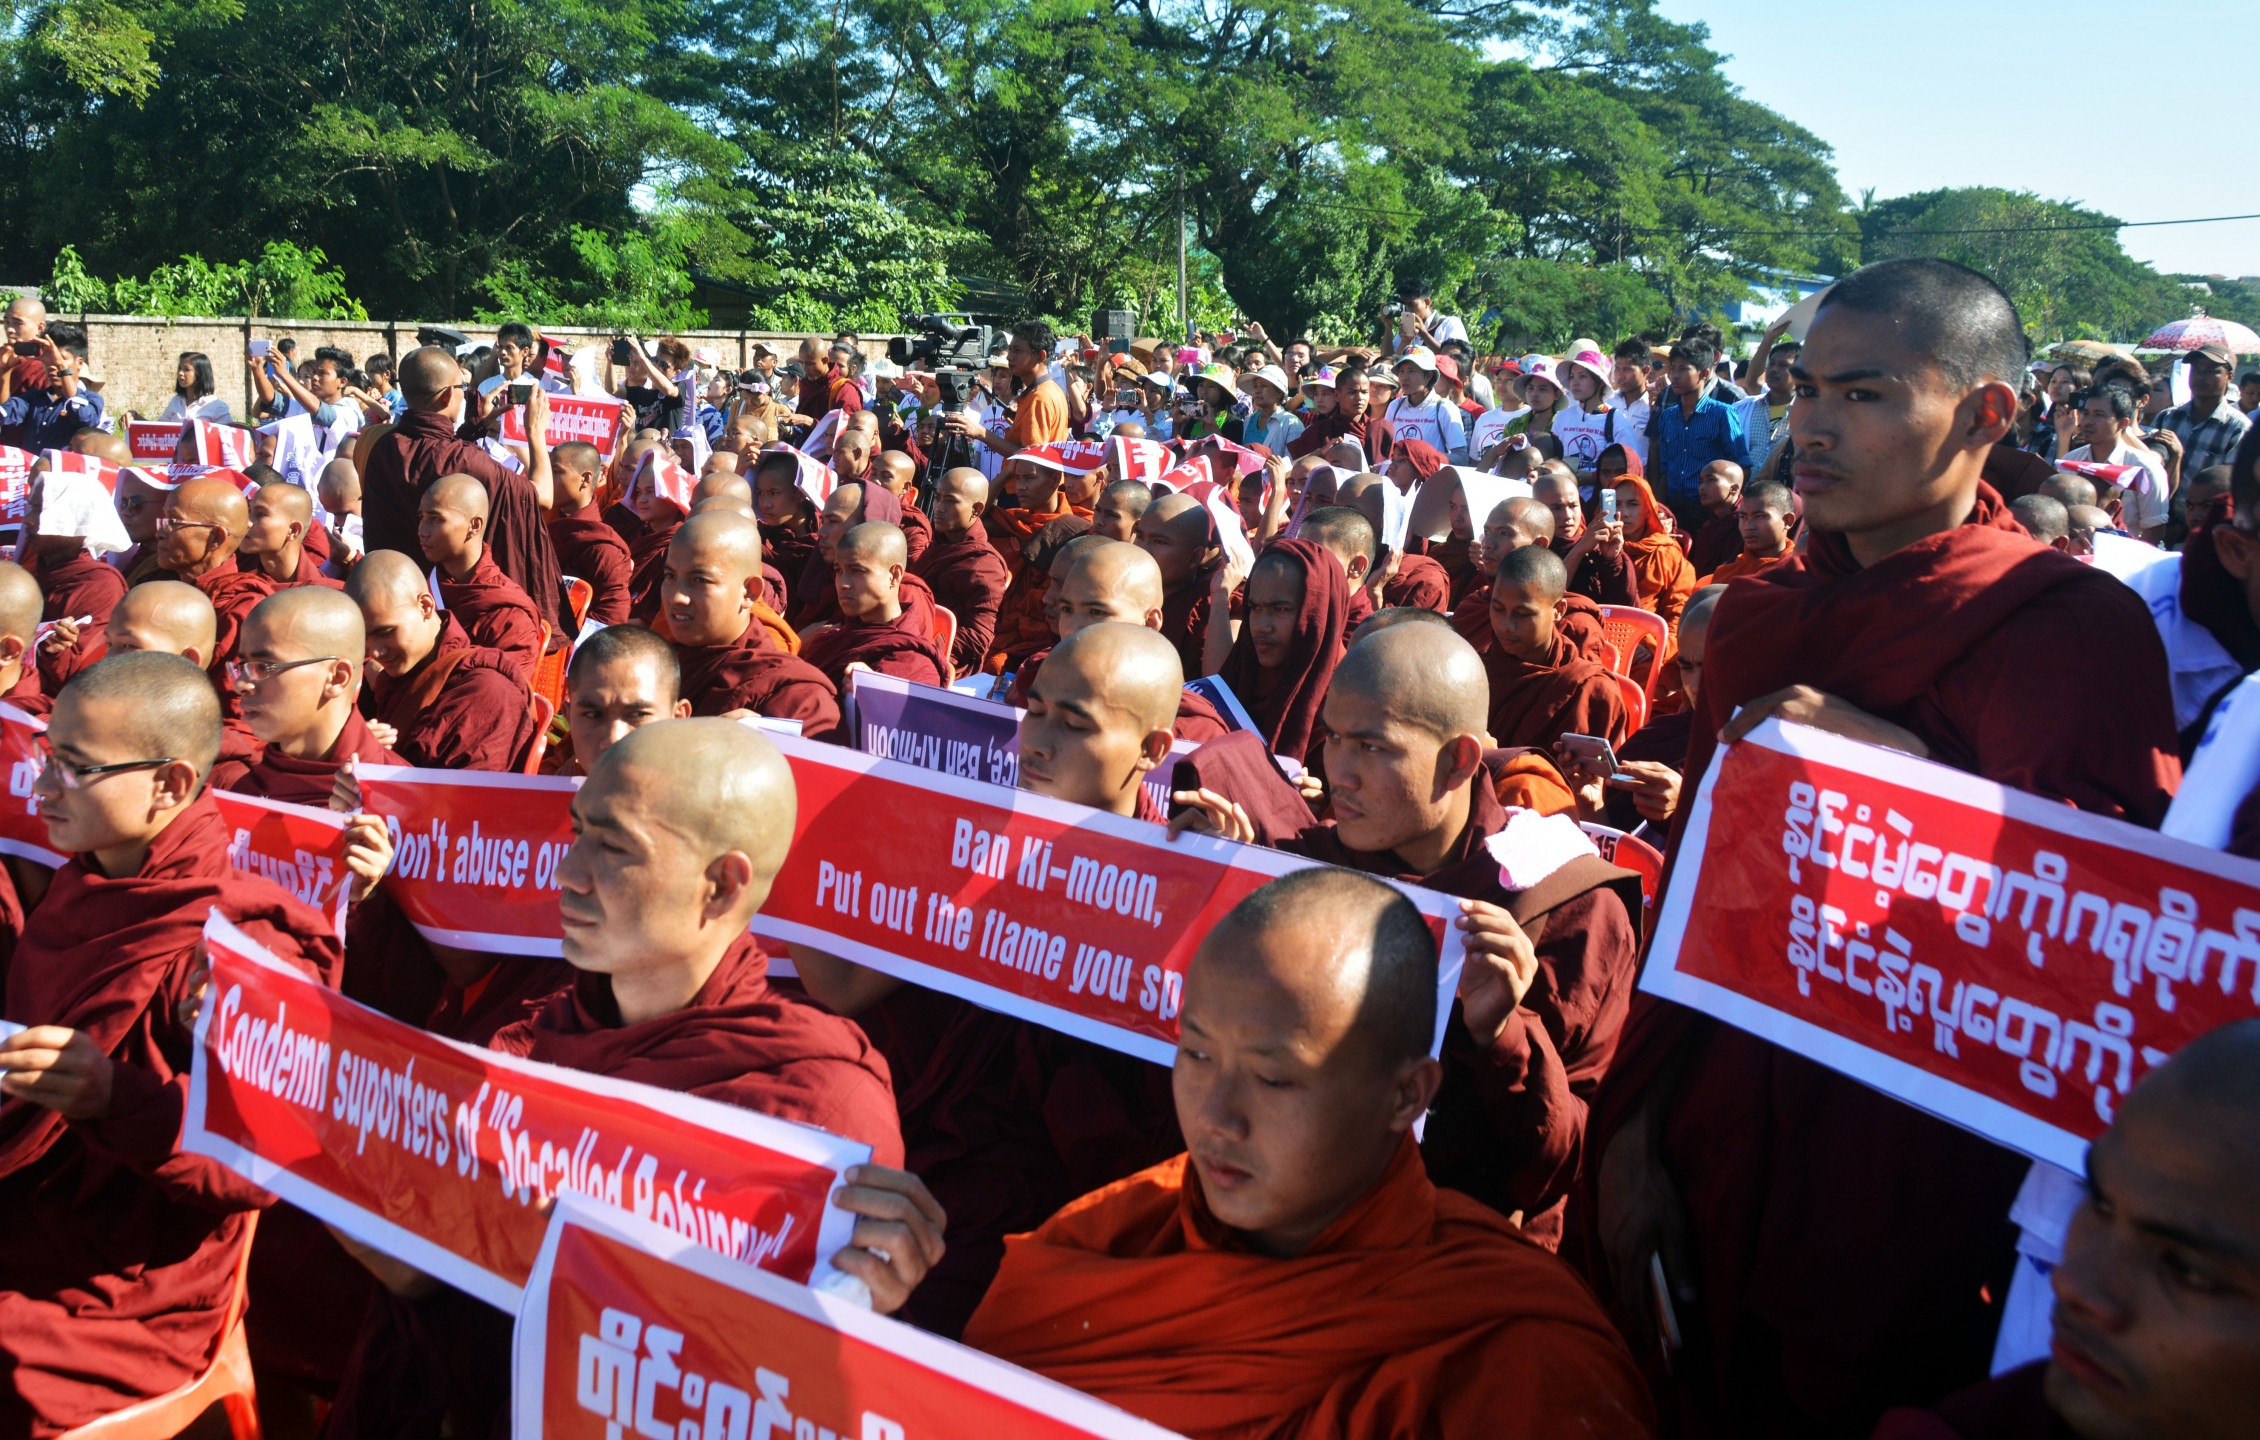 Nationalistische monniken demonstreren in Rangoon tegen de Rohingya. (Foto: Paul Vrieze)